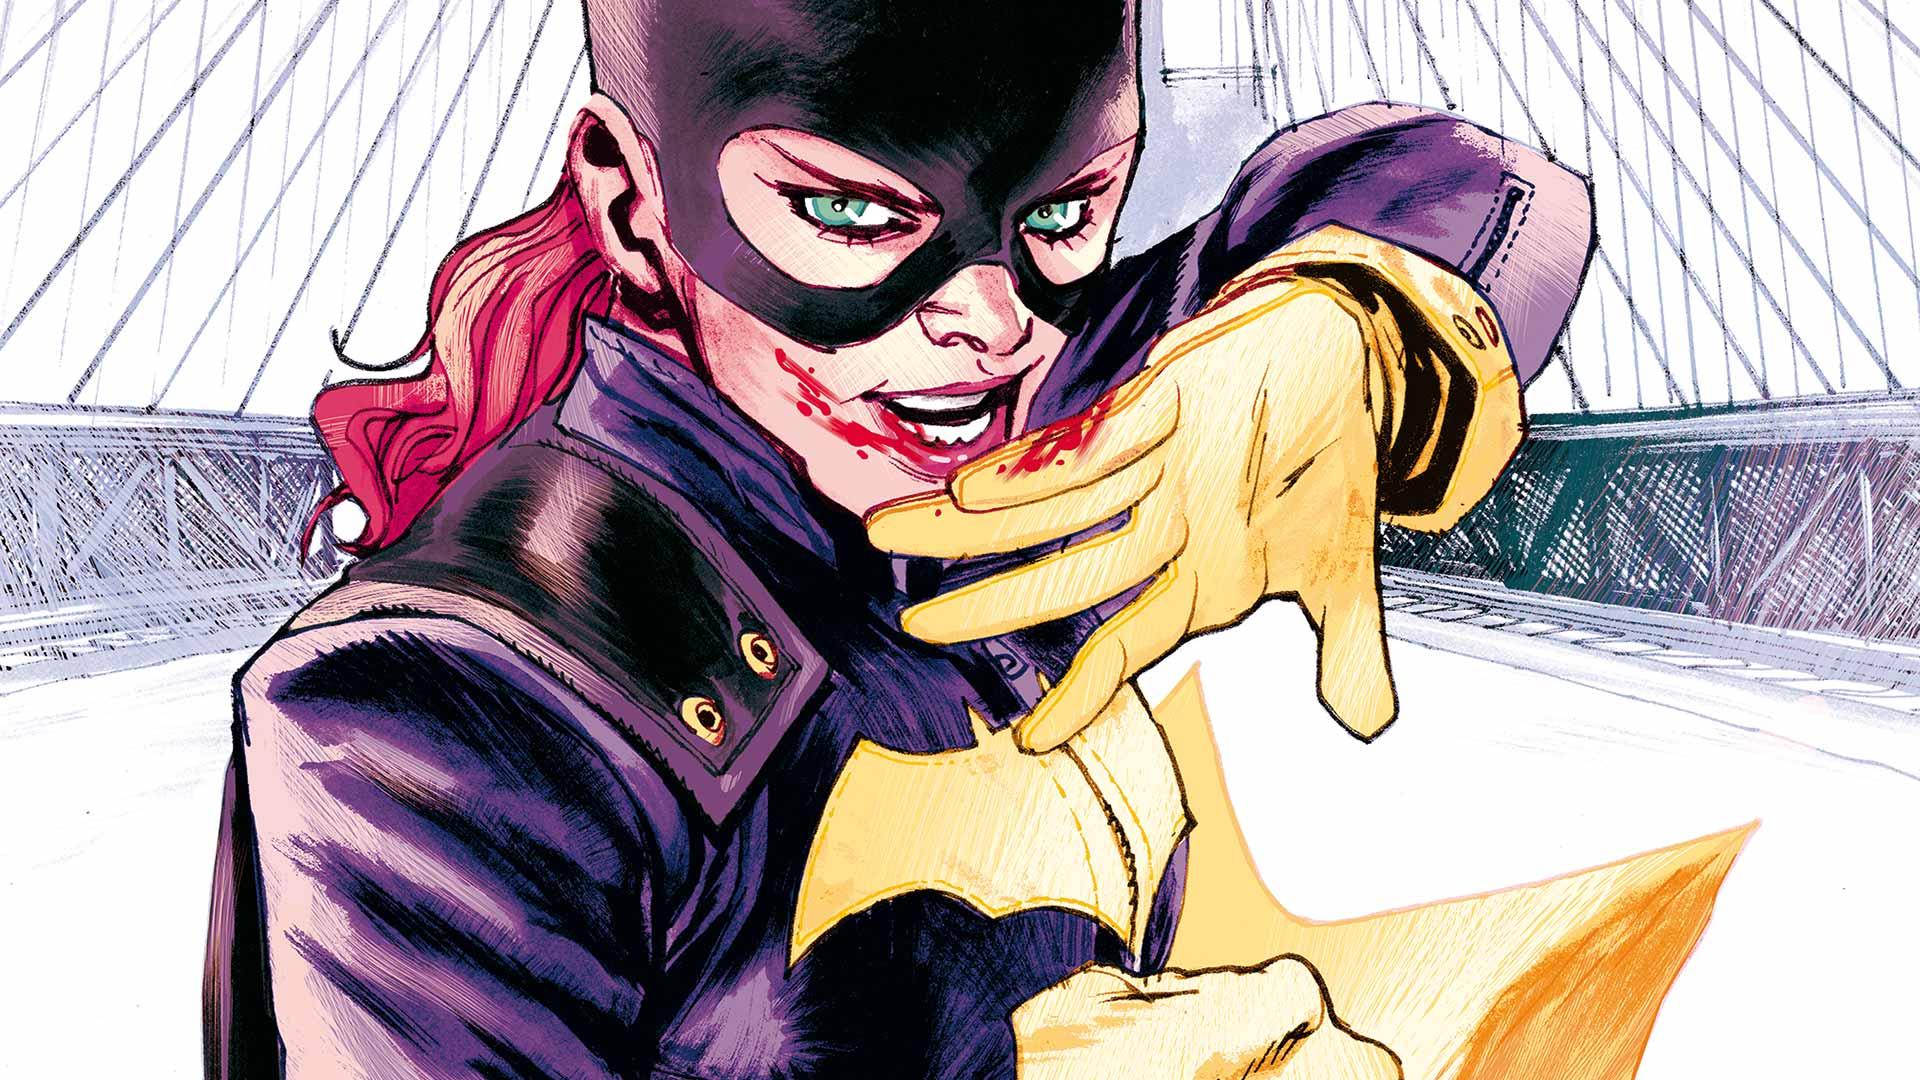 'Batgirl: Endgame' #1 cover art by Rafael Albuquerque